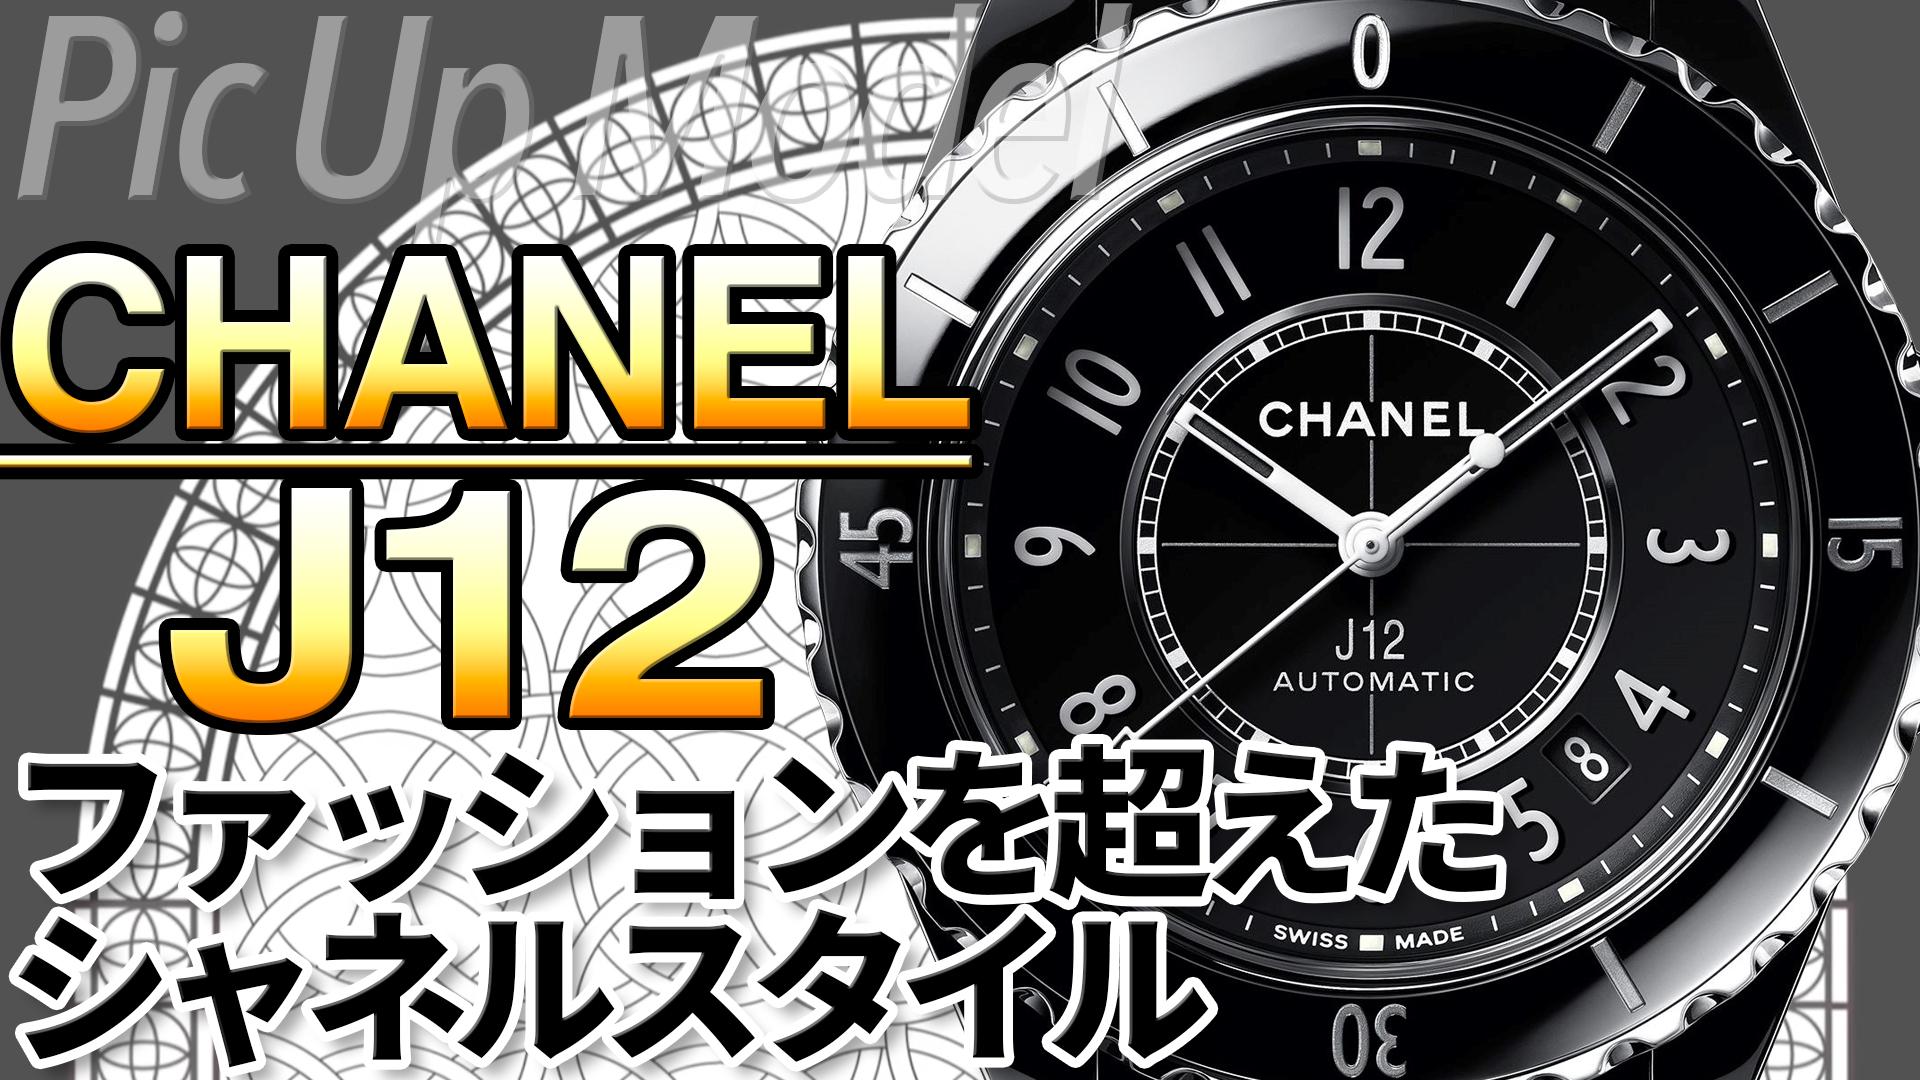 CHANEL J12 の魅力を深堀り ファッションブランド シャネル が作る 定番ウォッチ